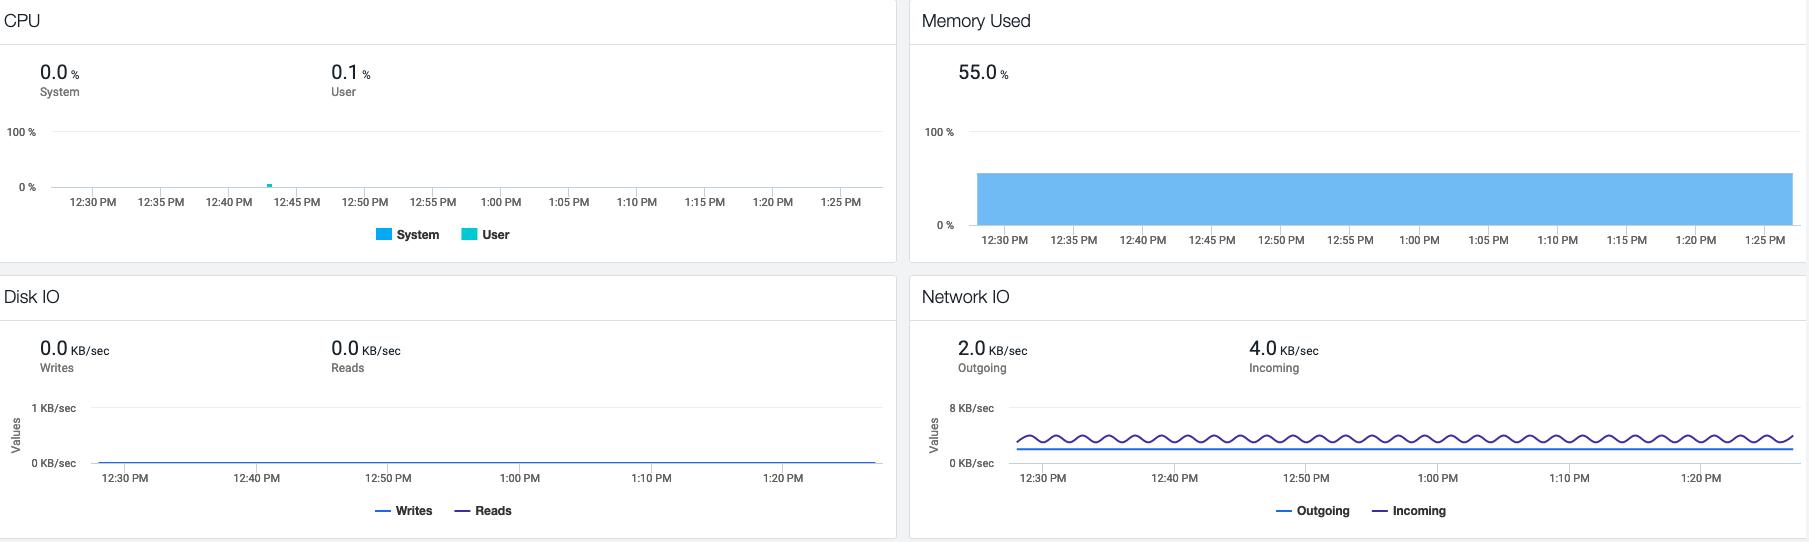 Optional hardware monitoring metrics